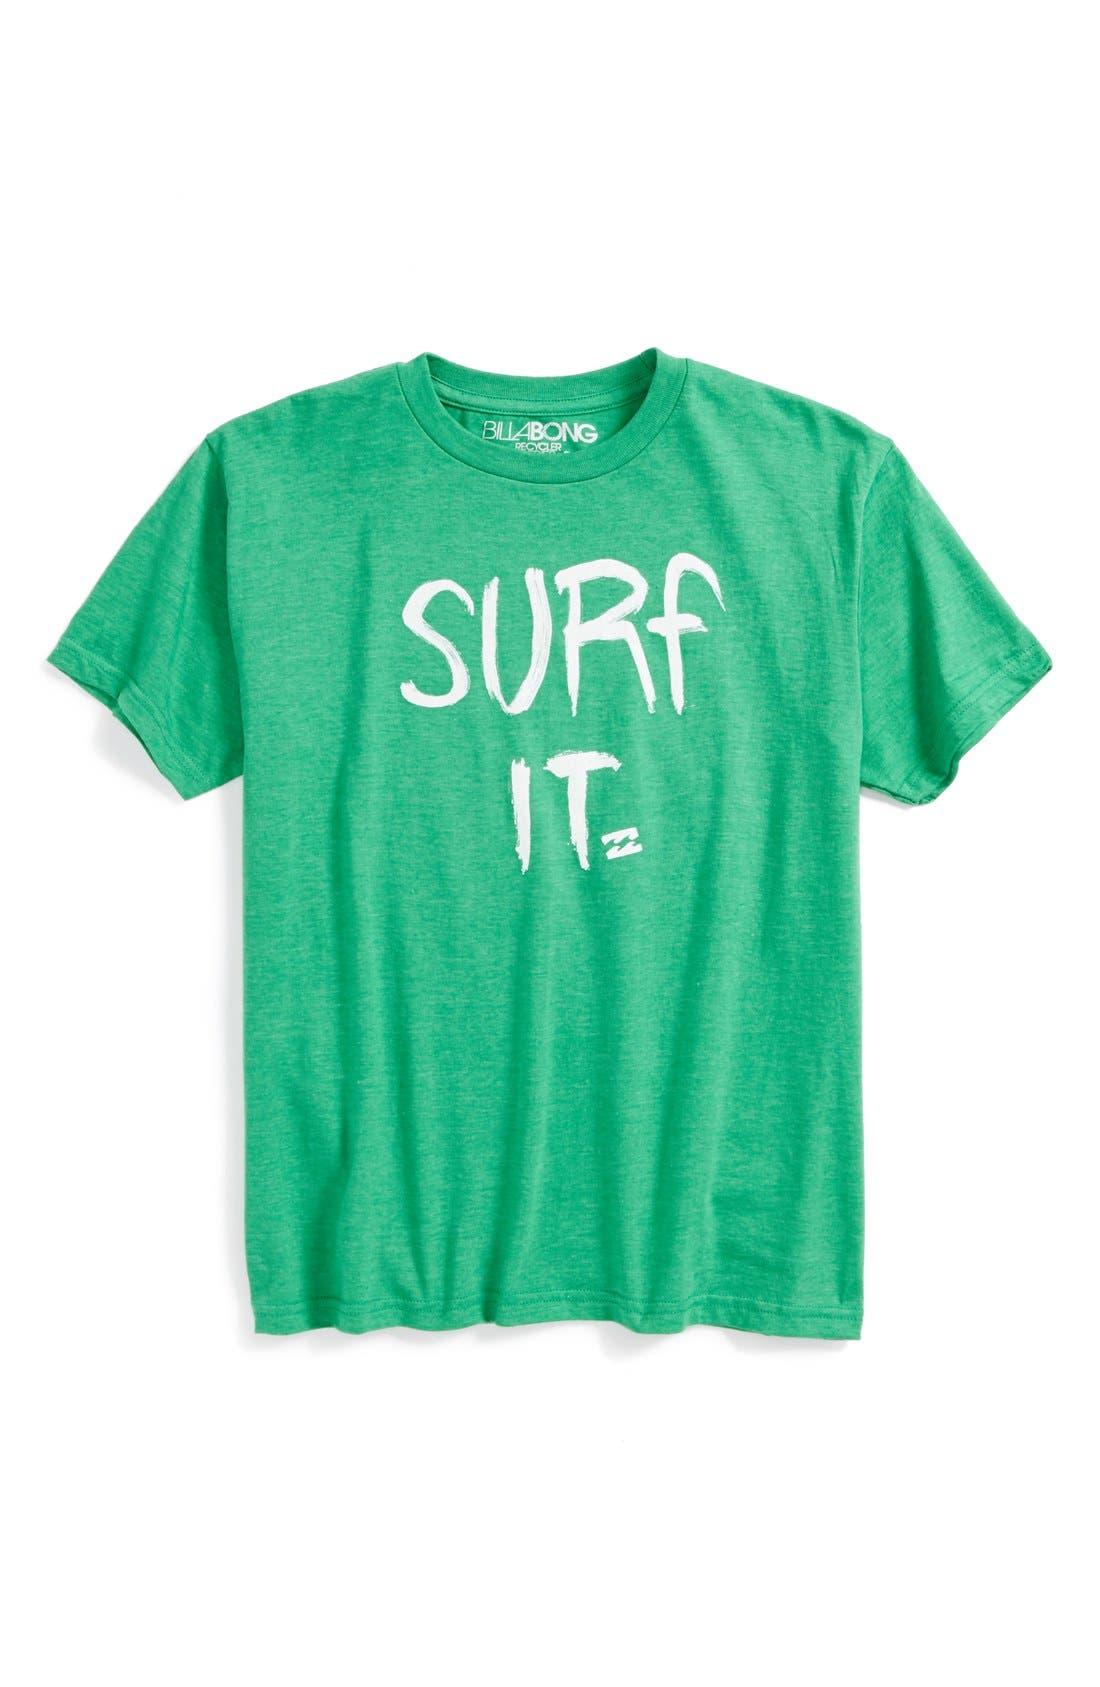 Main Image - Billabong 'Surf It' T-Shirt (Big Boys)